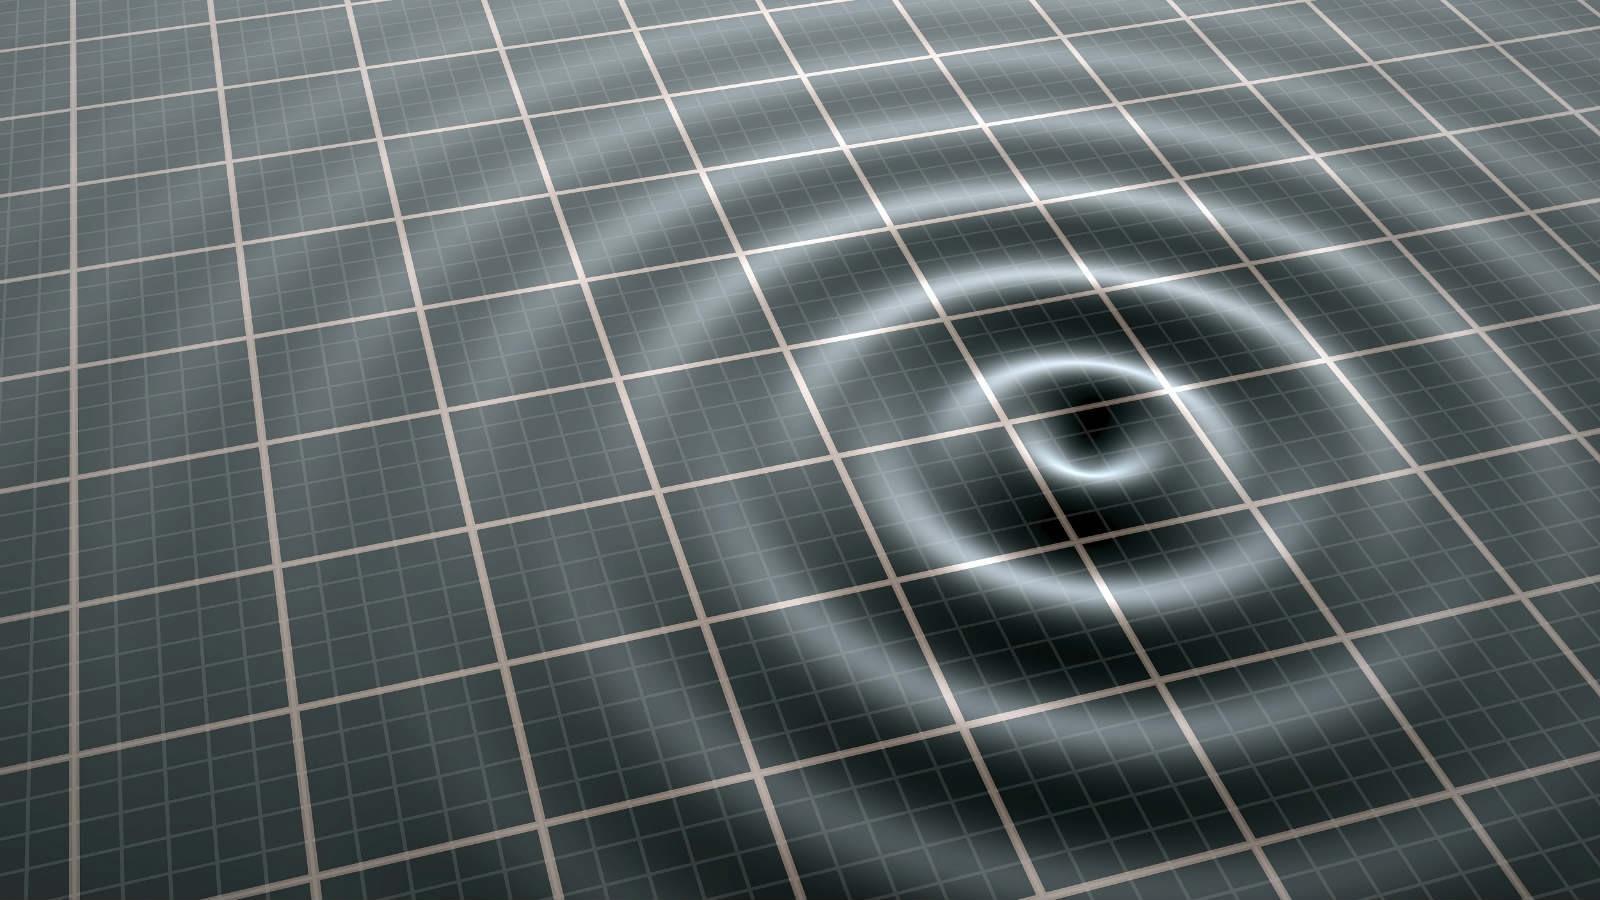 6.1-magnitude quake hits 145 km NW of Pangai, Tonga: USGS